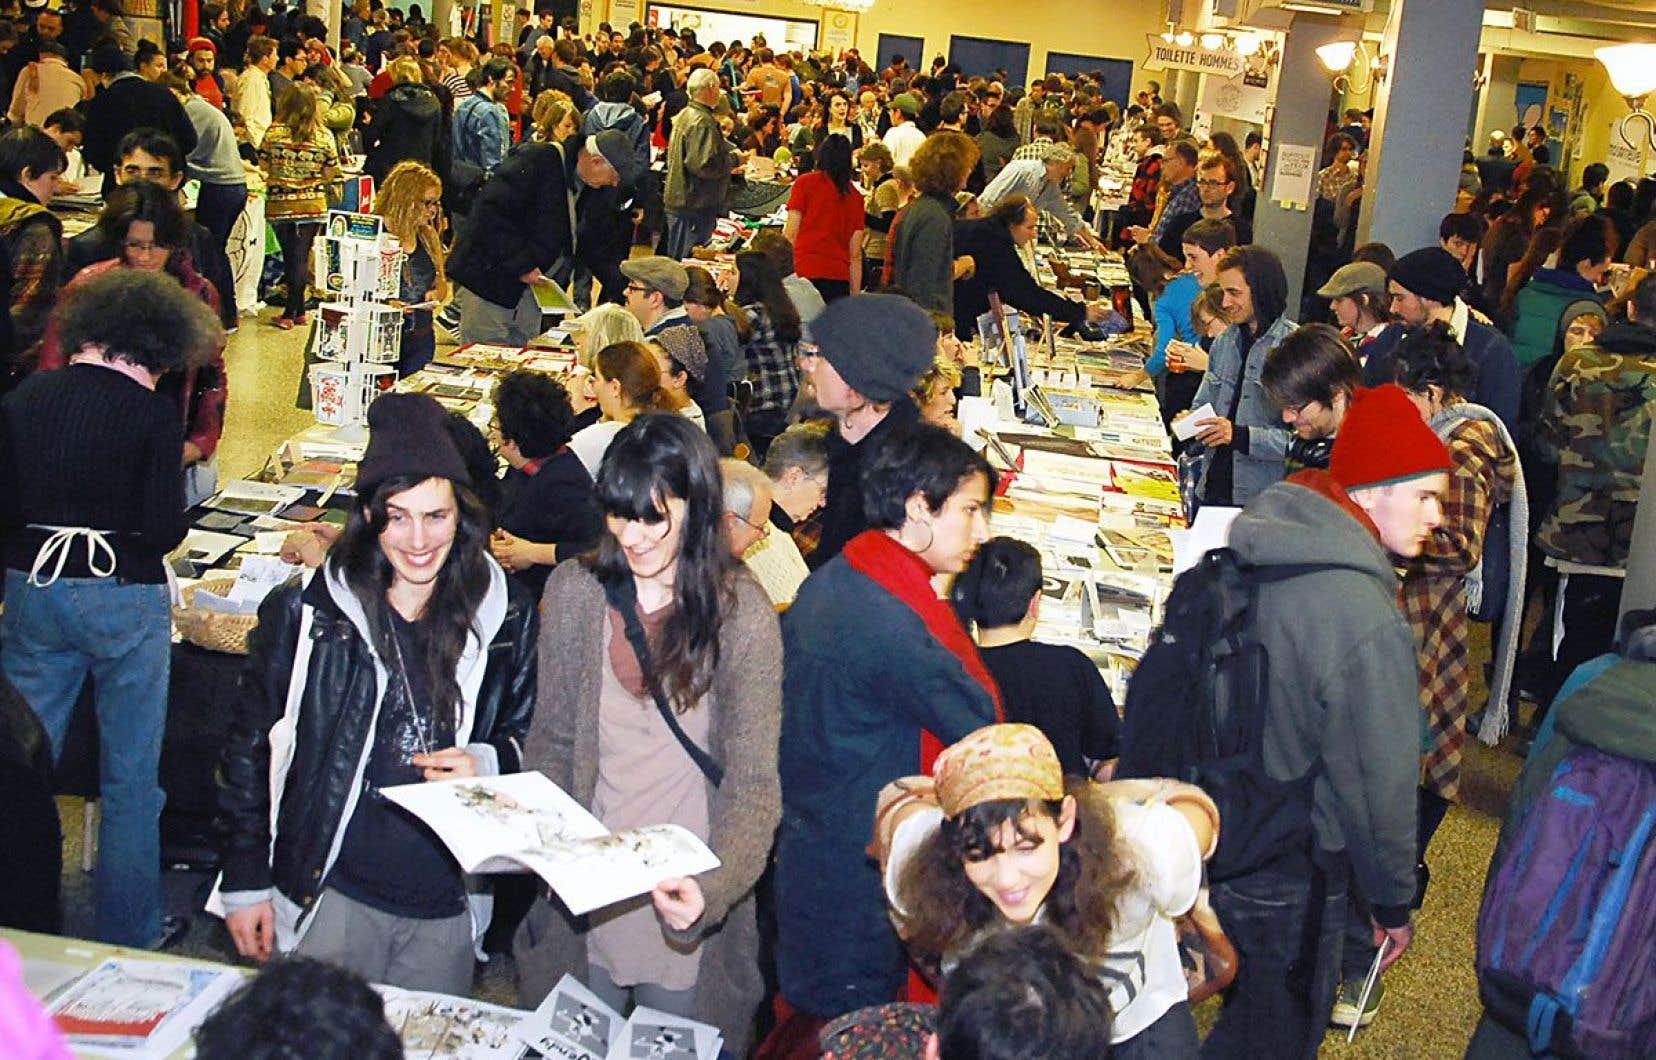 L'Expozine, microsalon annuel du fanzine, de la microédition et de la bande dessinée, en est cette année à sa 15eédition.